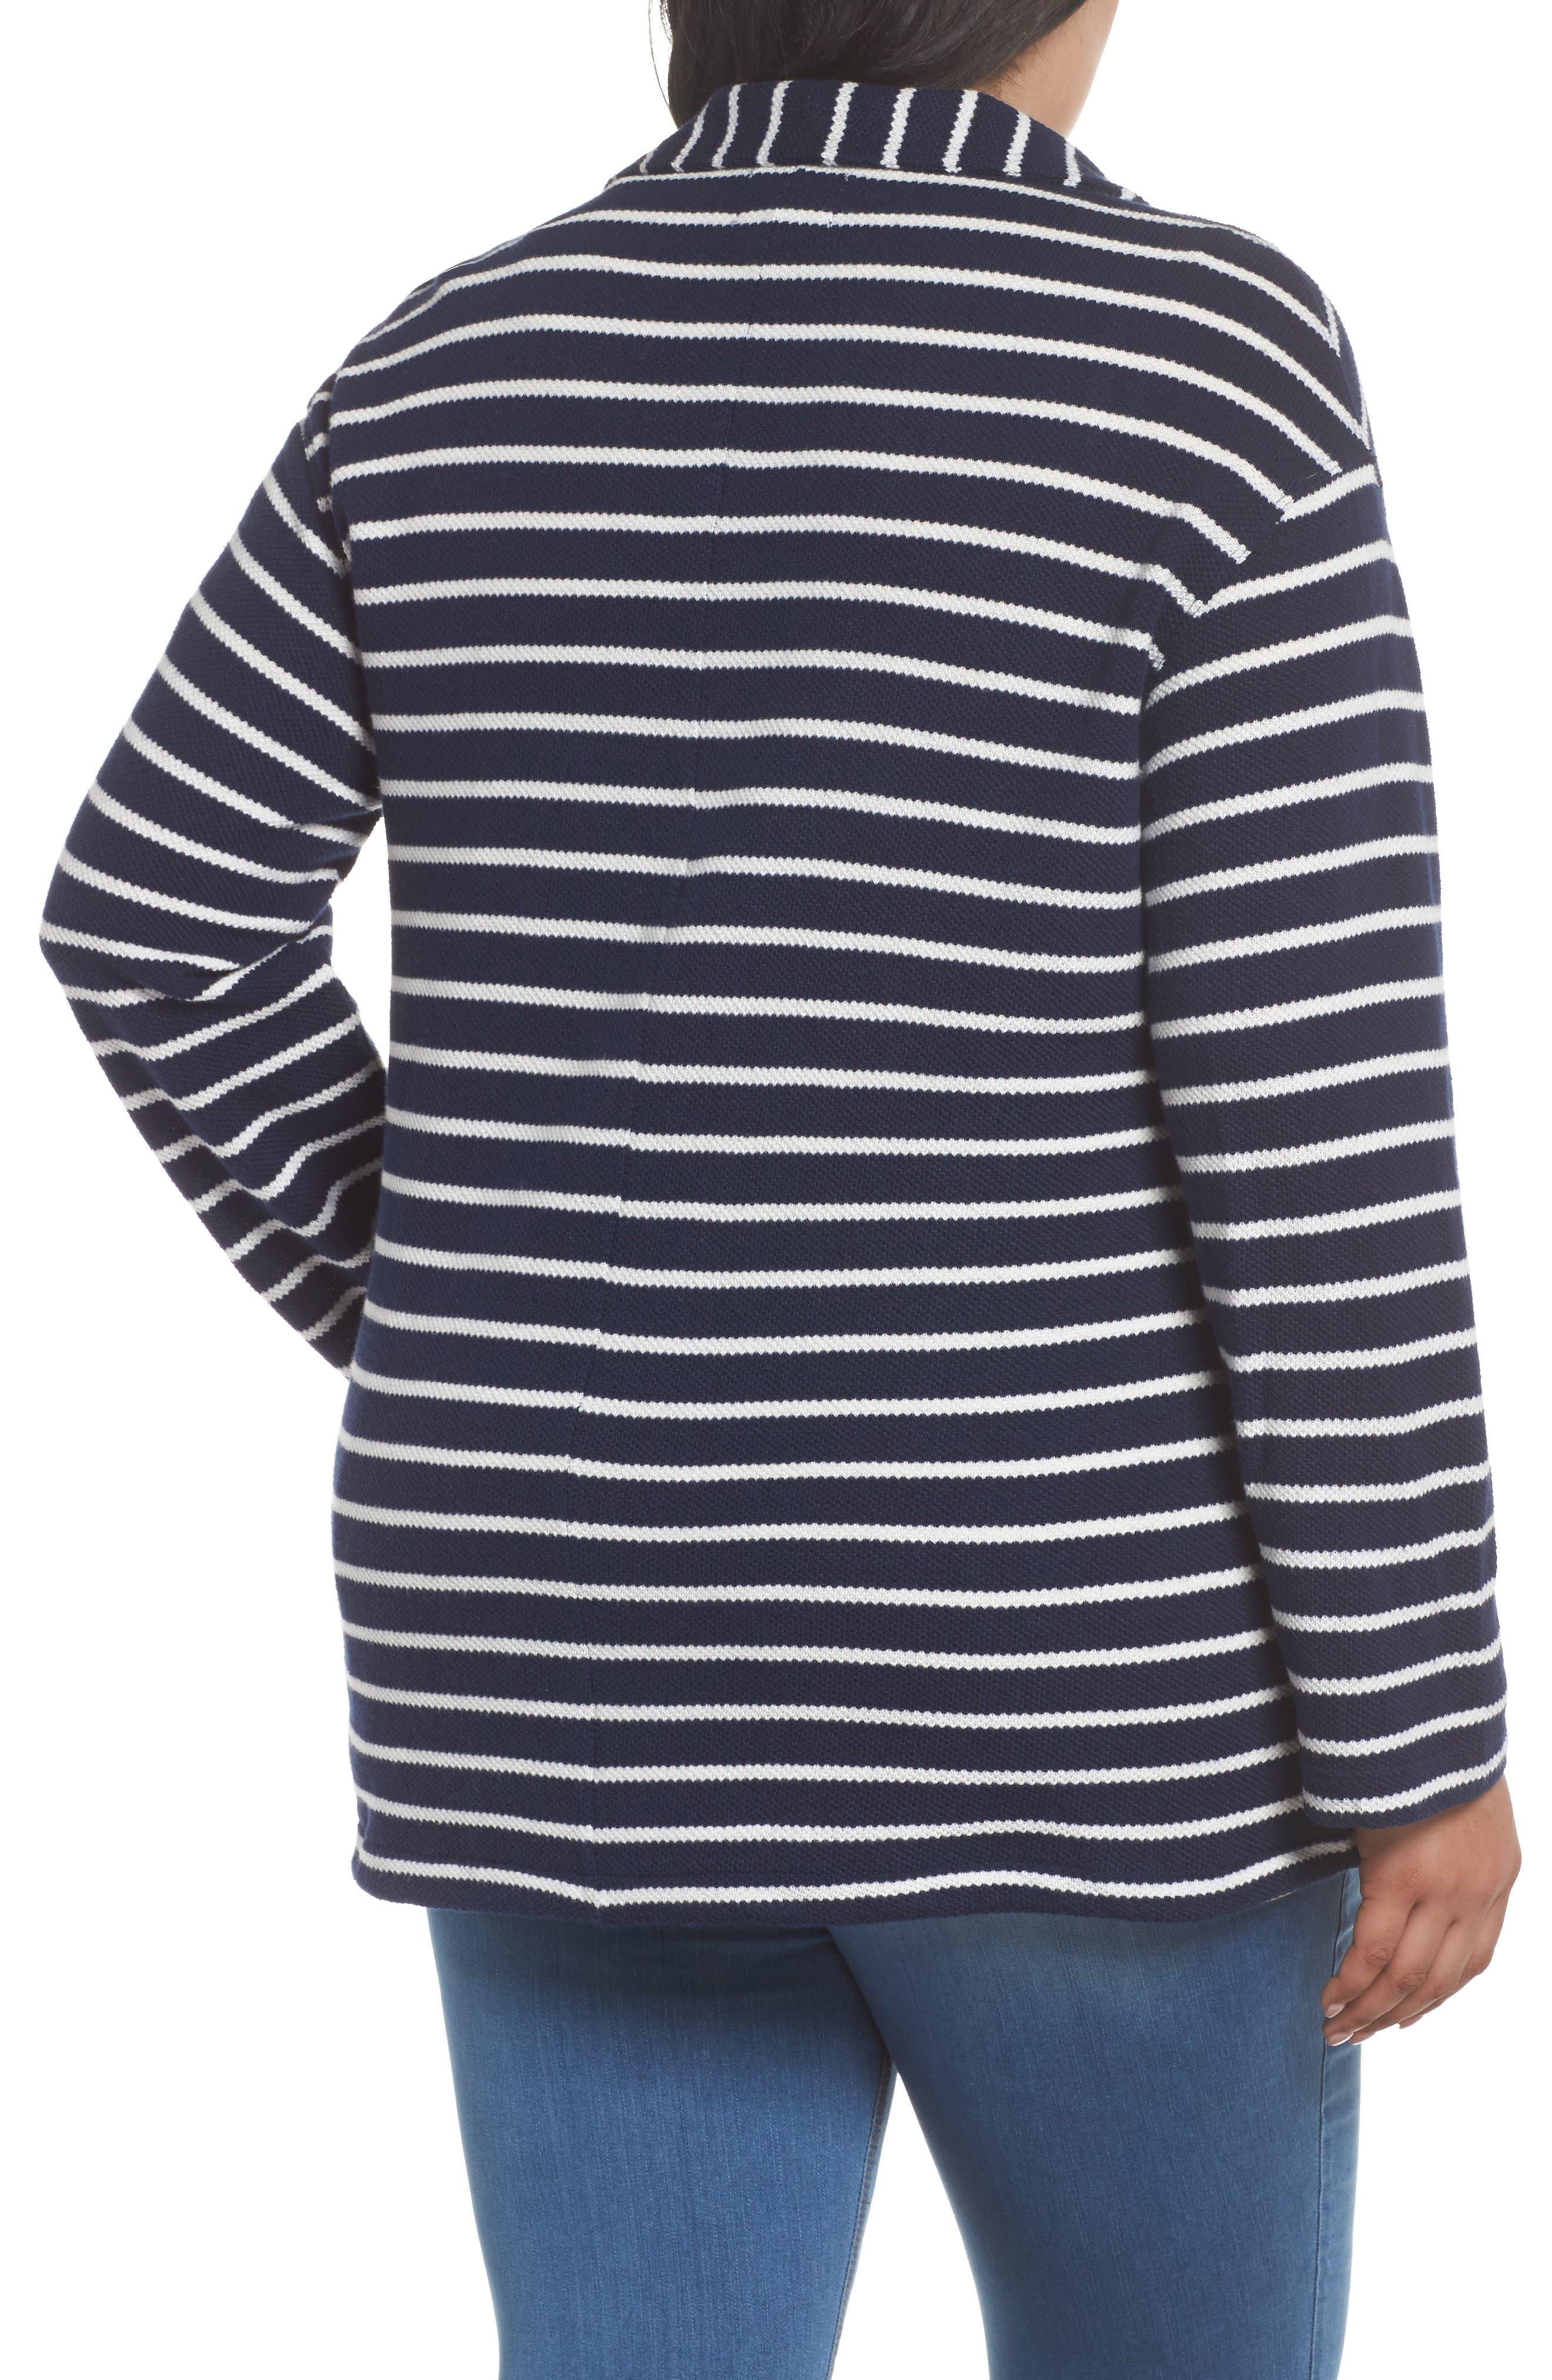 Stripe Peacoat Knit Jacket,                             Alternate thumbnail 2, color,                             410